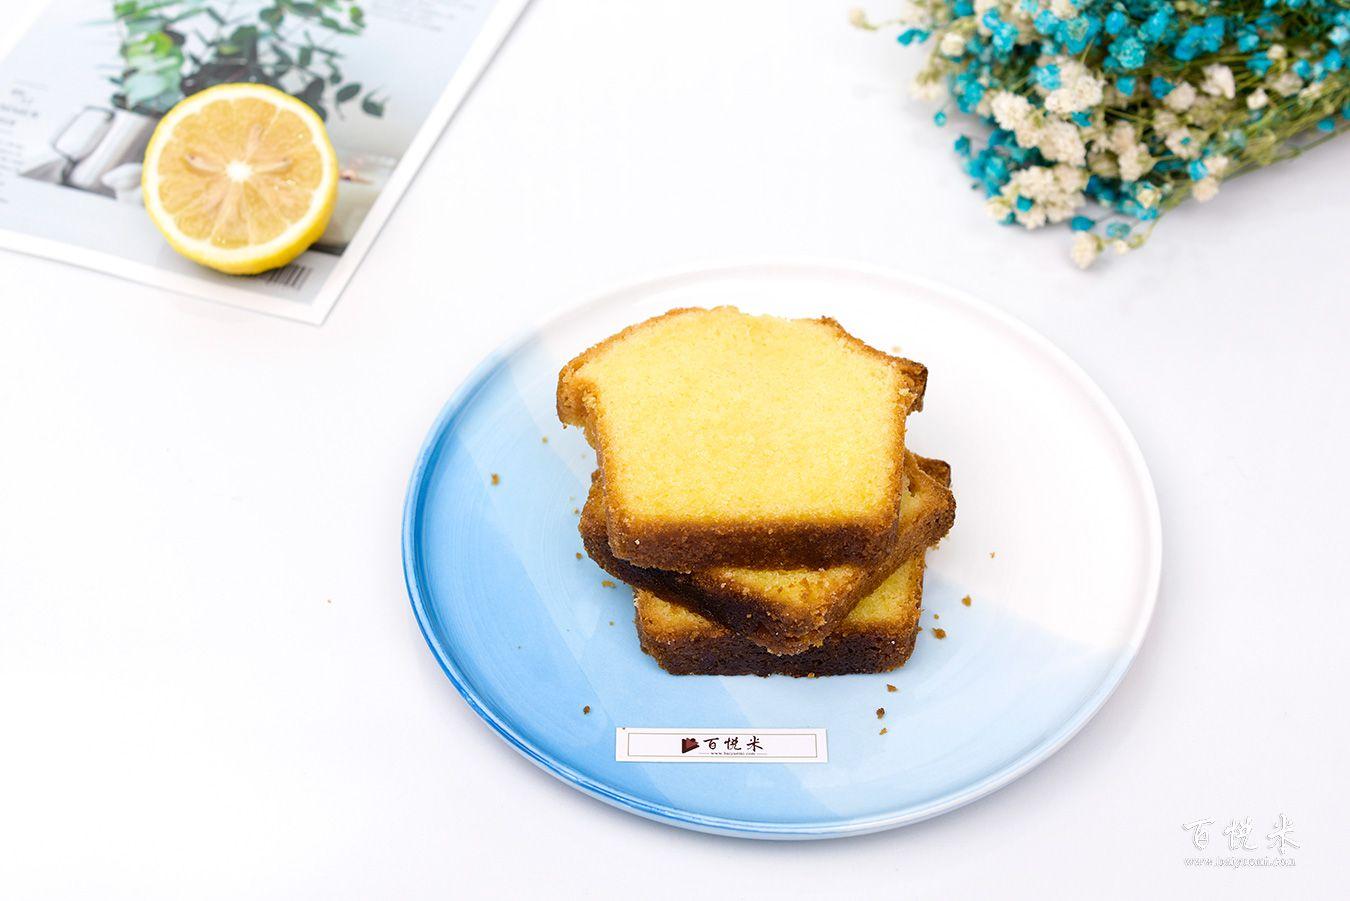 磅蛋糕的高清图片大全【蛋糕图片】_289